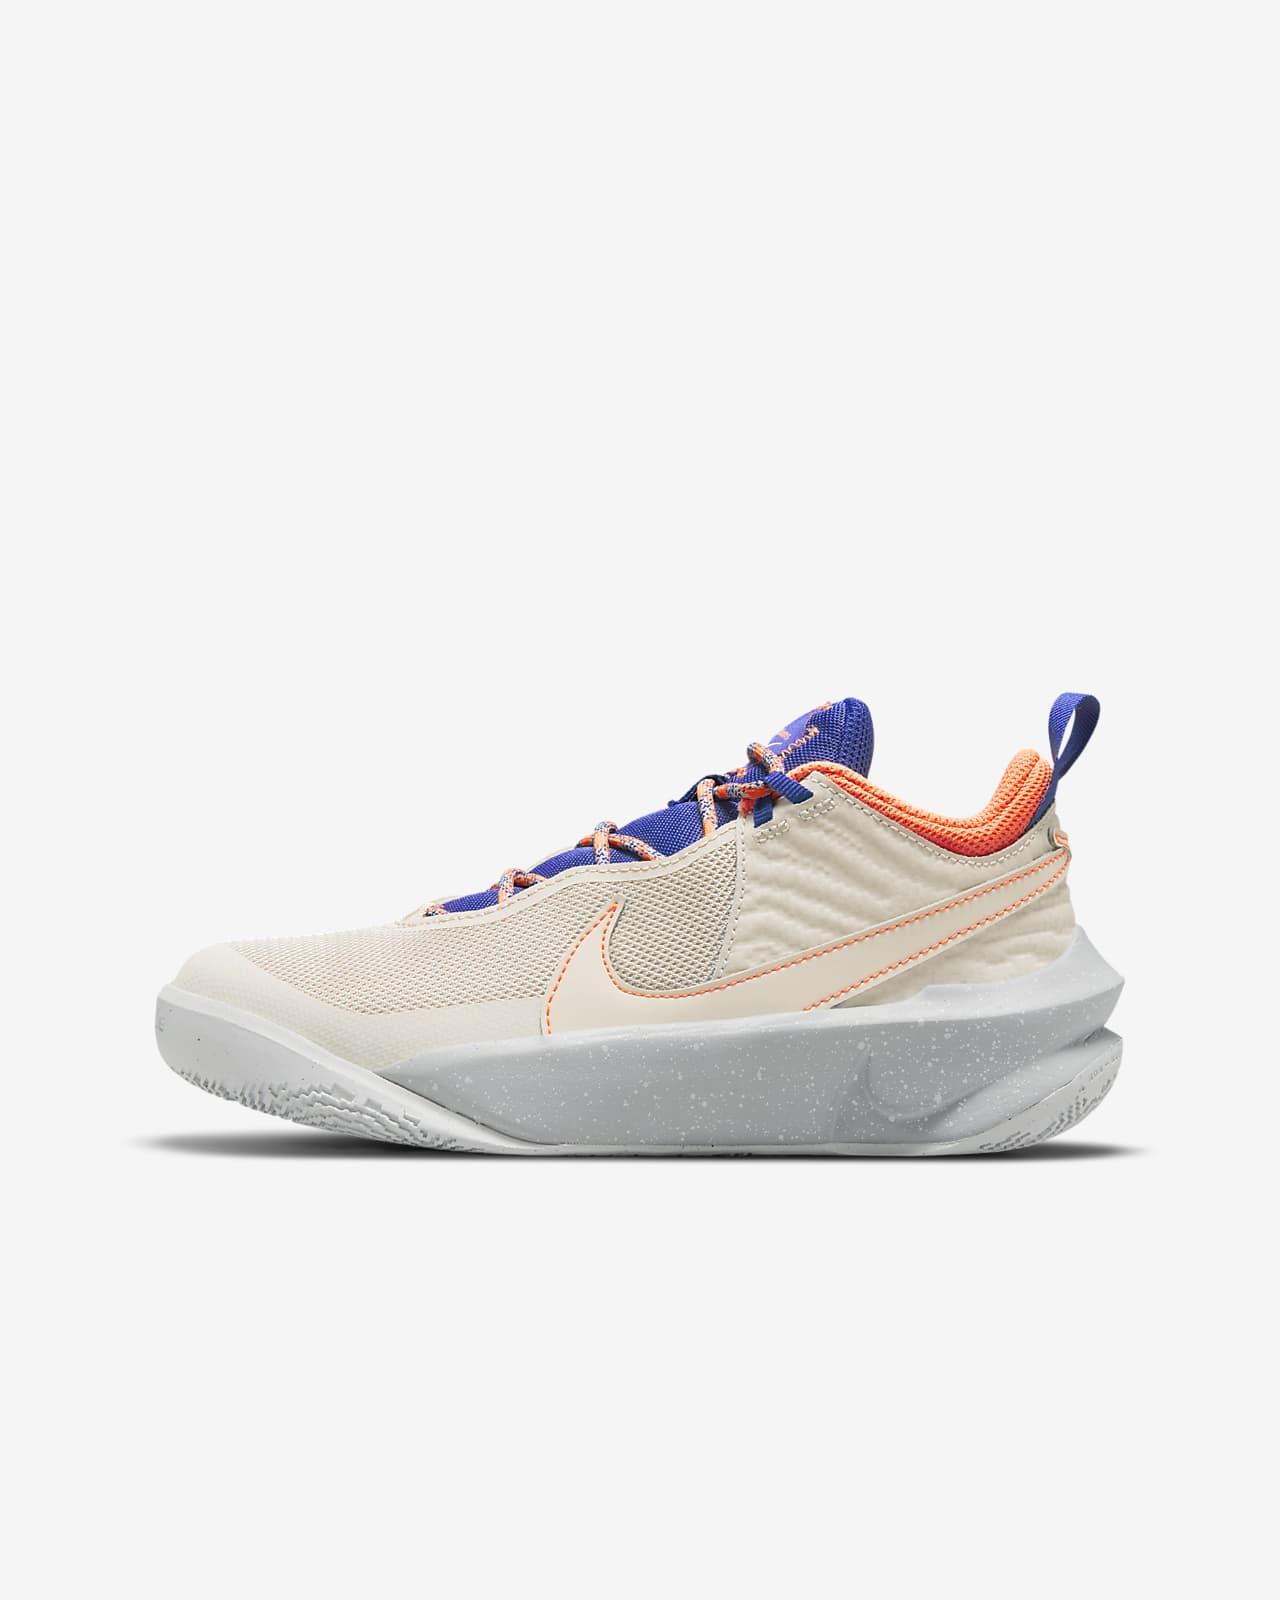 Nike Team Hustle D 10 SE Older Kids' Basketball Shoe